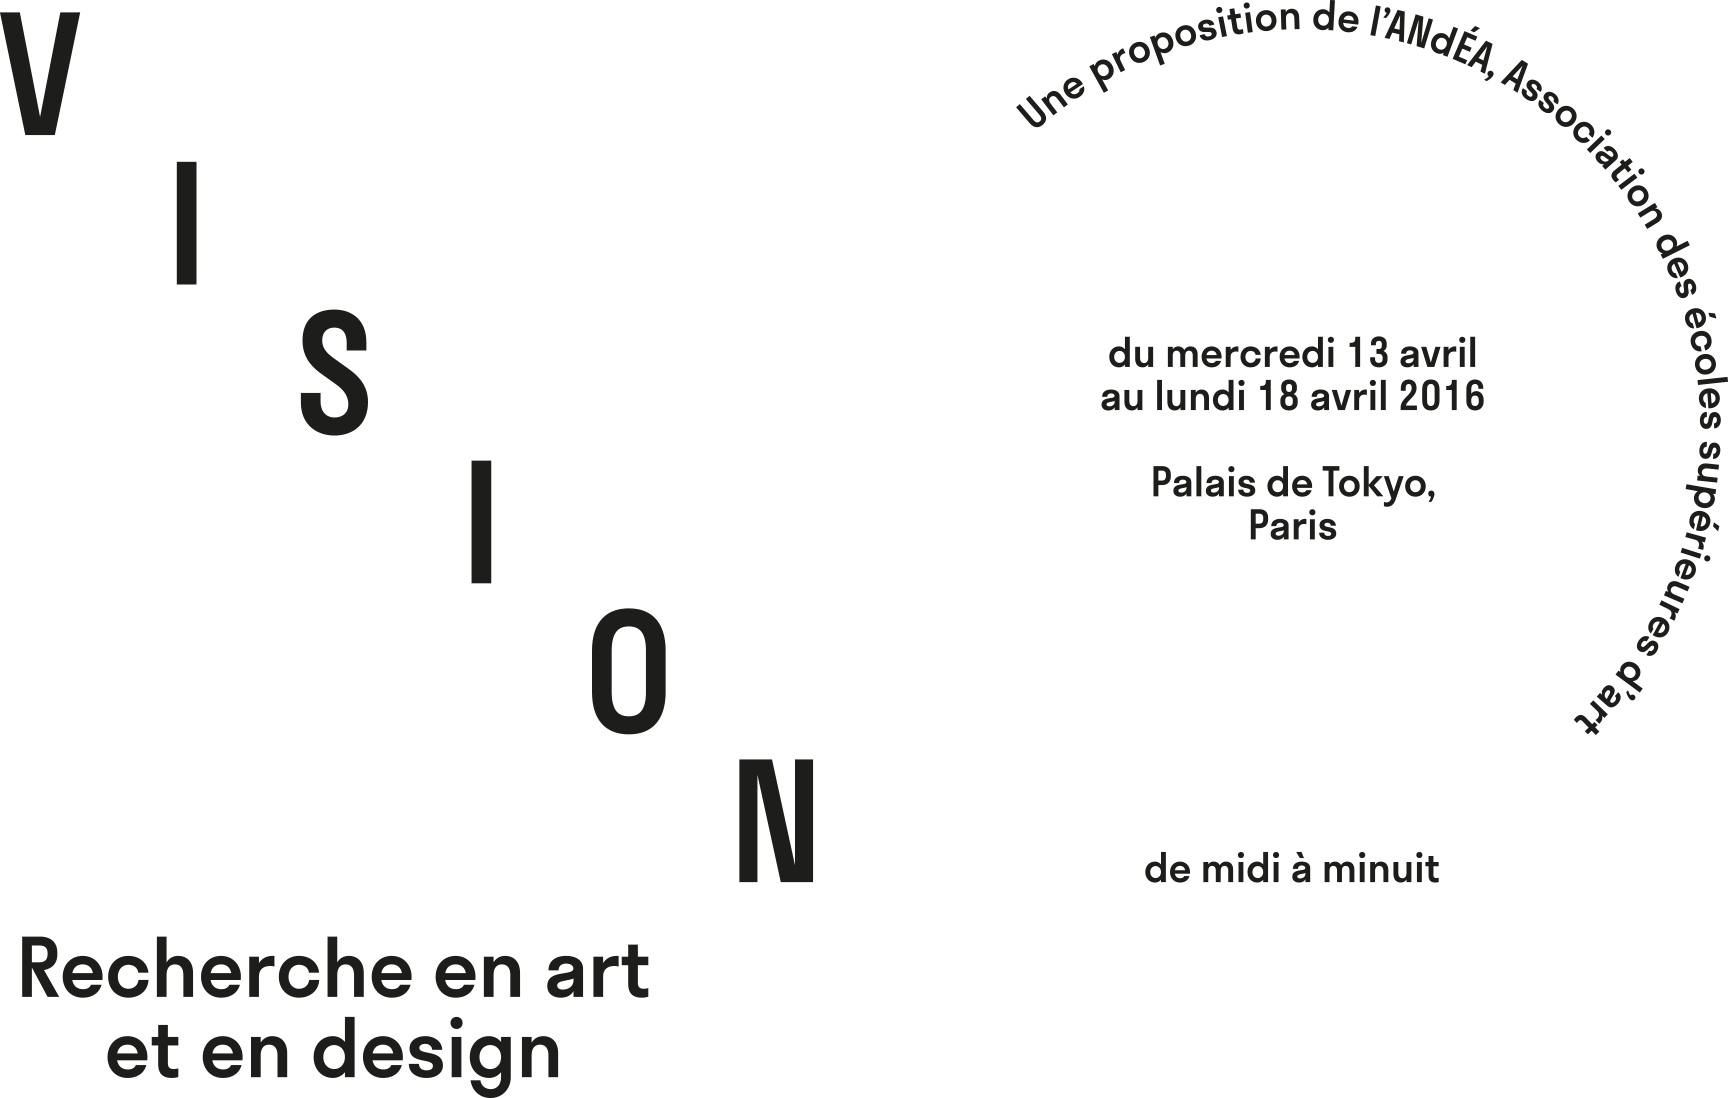 vision recherche en art et en design